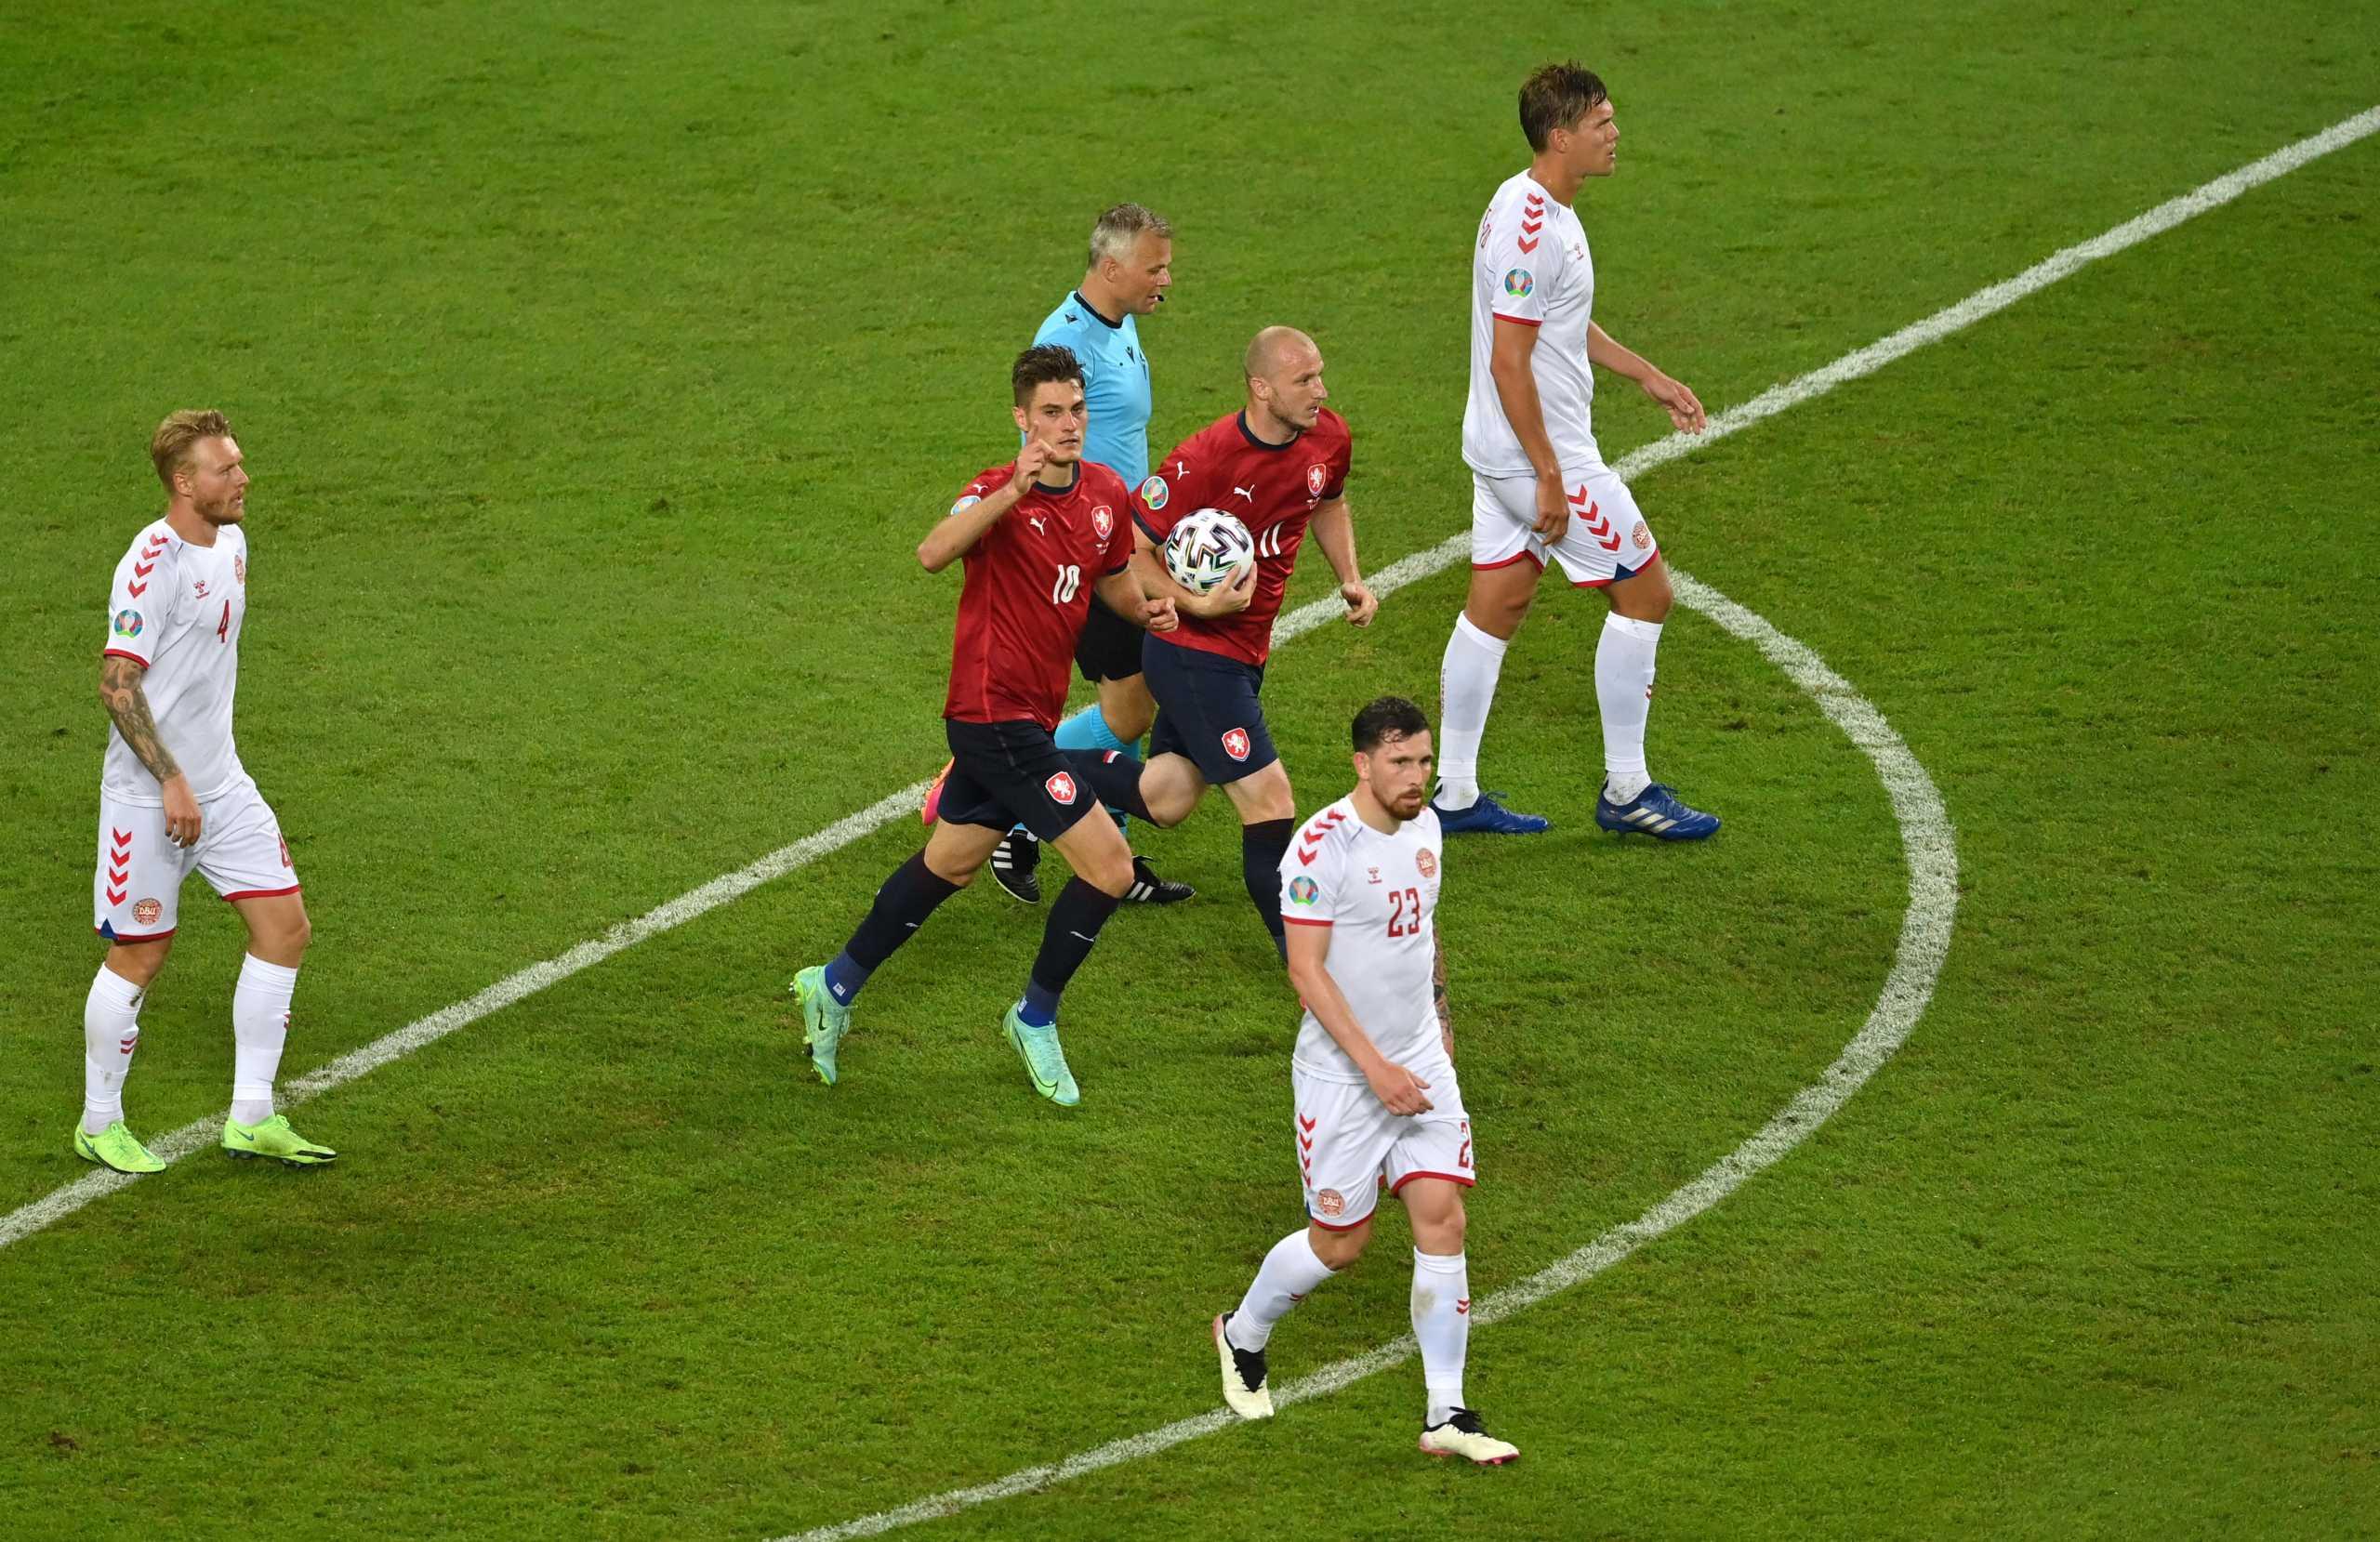 Euro 2020: Ο Σικ σκόραρε ξανά κι «έπιασε» τον Κριστιάνο Ρονάλντο στην κορυφή